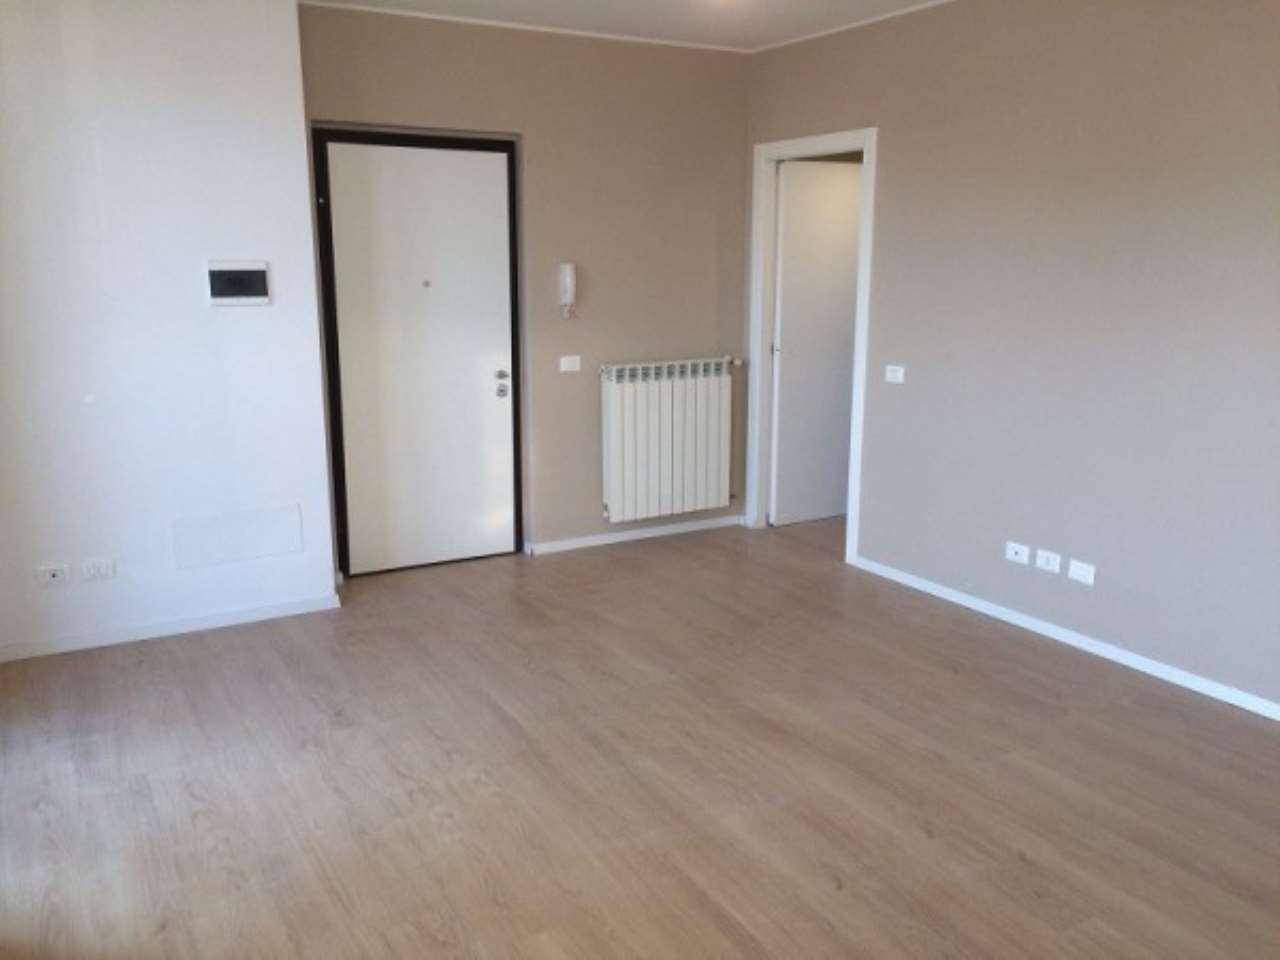 Appartamento in vendita a Marcignago, 2 locali, prezzo € 78.000 | Cambio Casa.it